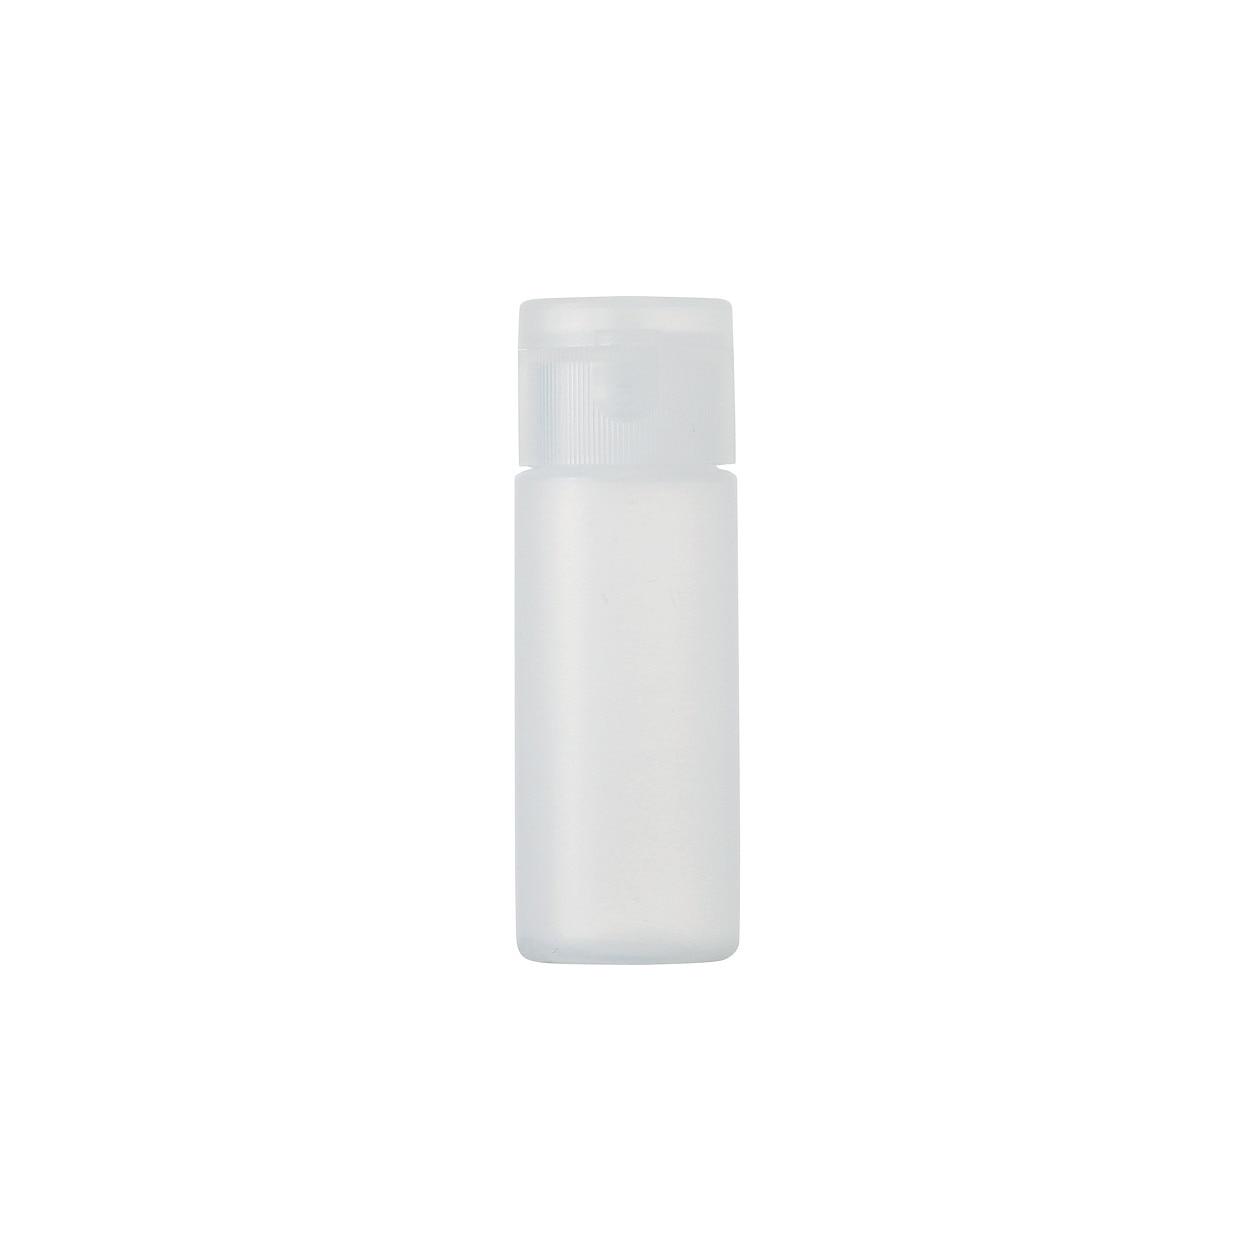 ポリエチレン小分けボトルワンタッチキャップ・12ml